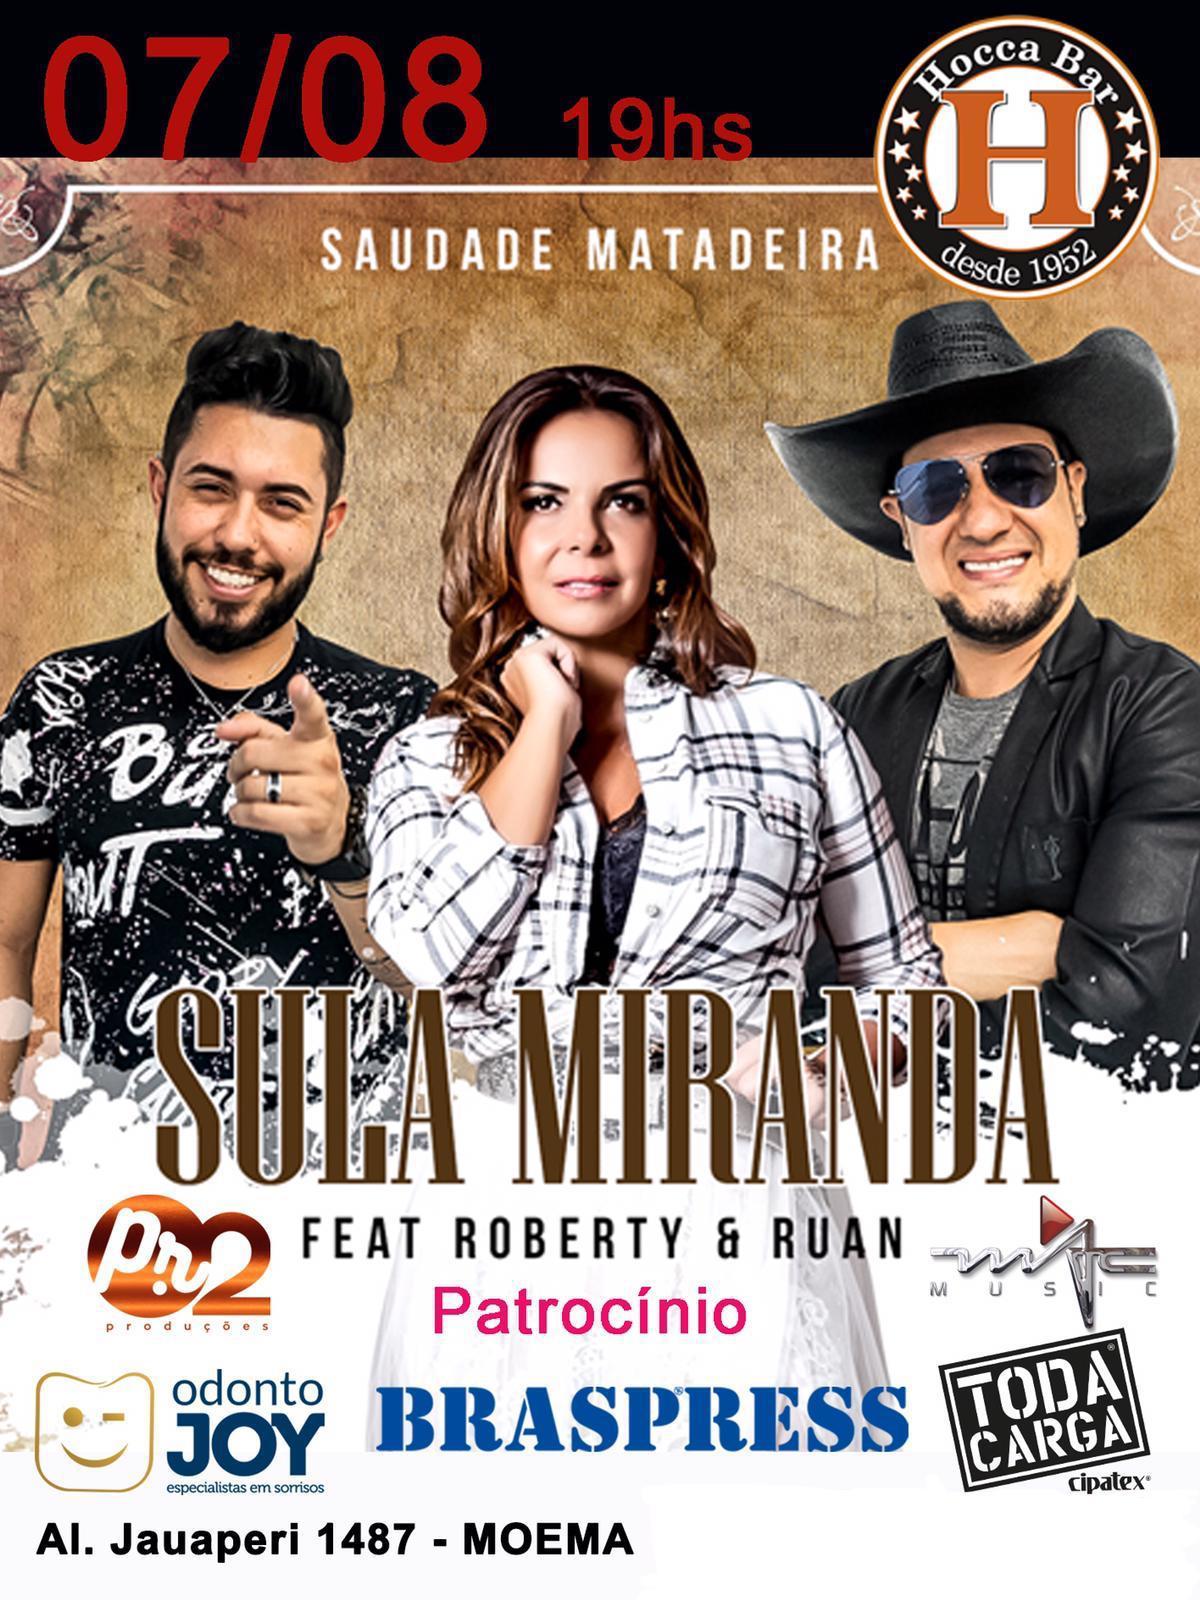 Sula Miranda lança nova musica e clipe 'Saudade Matadeira', com participação da dupla Roberty &Ruan 41